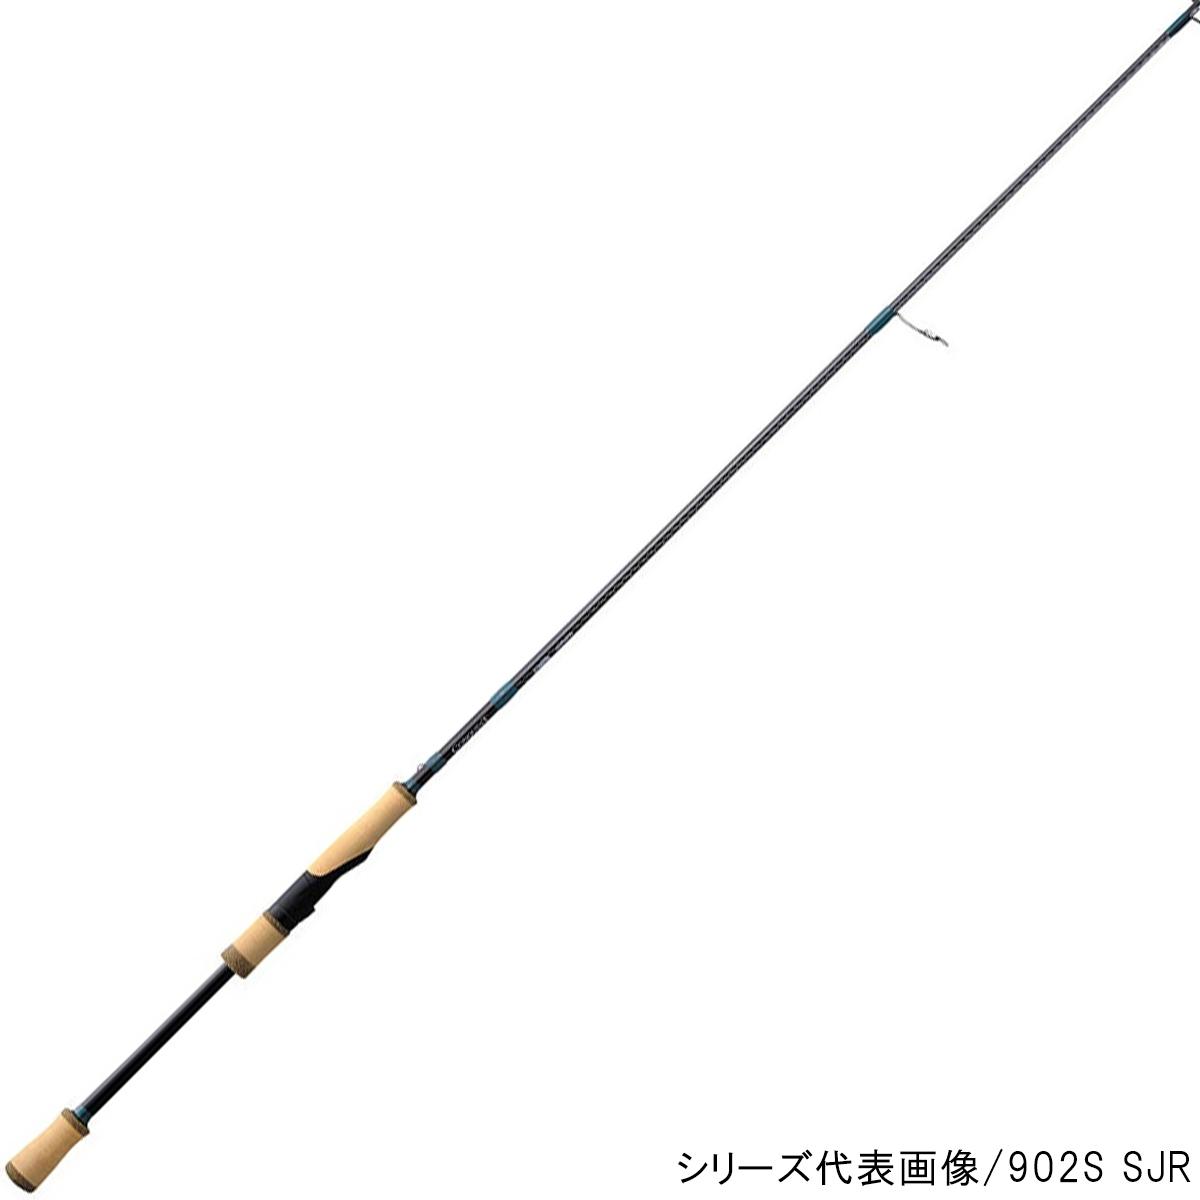 シマノ コンクエスト(スピニング) 842S SJR【大型商品】